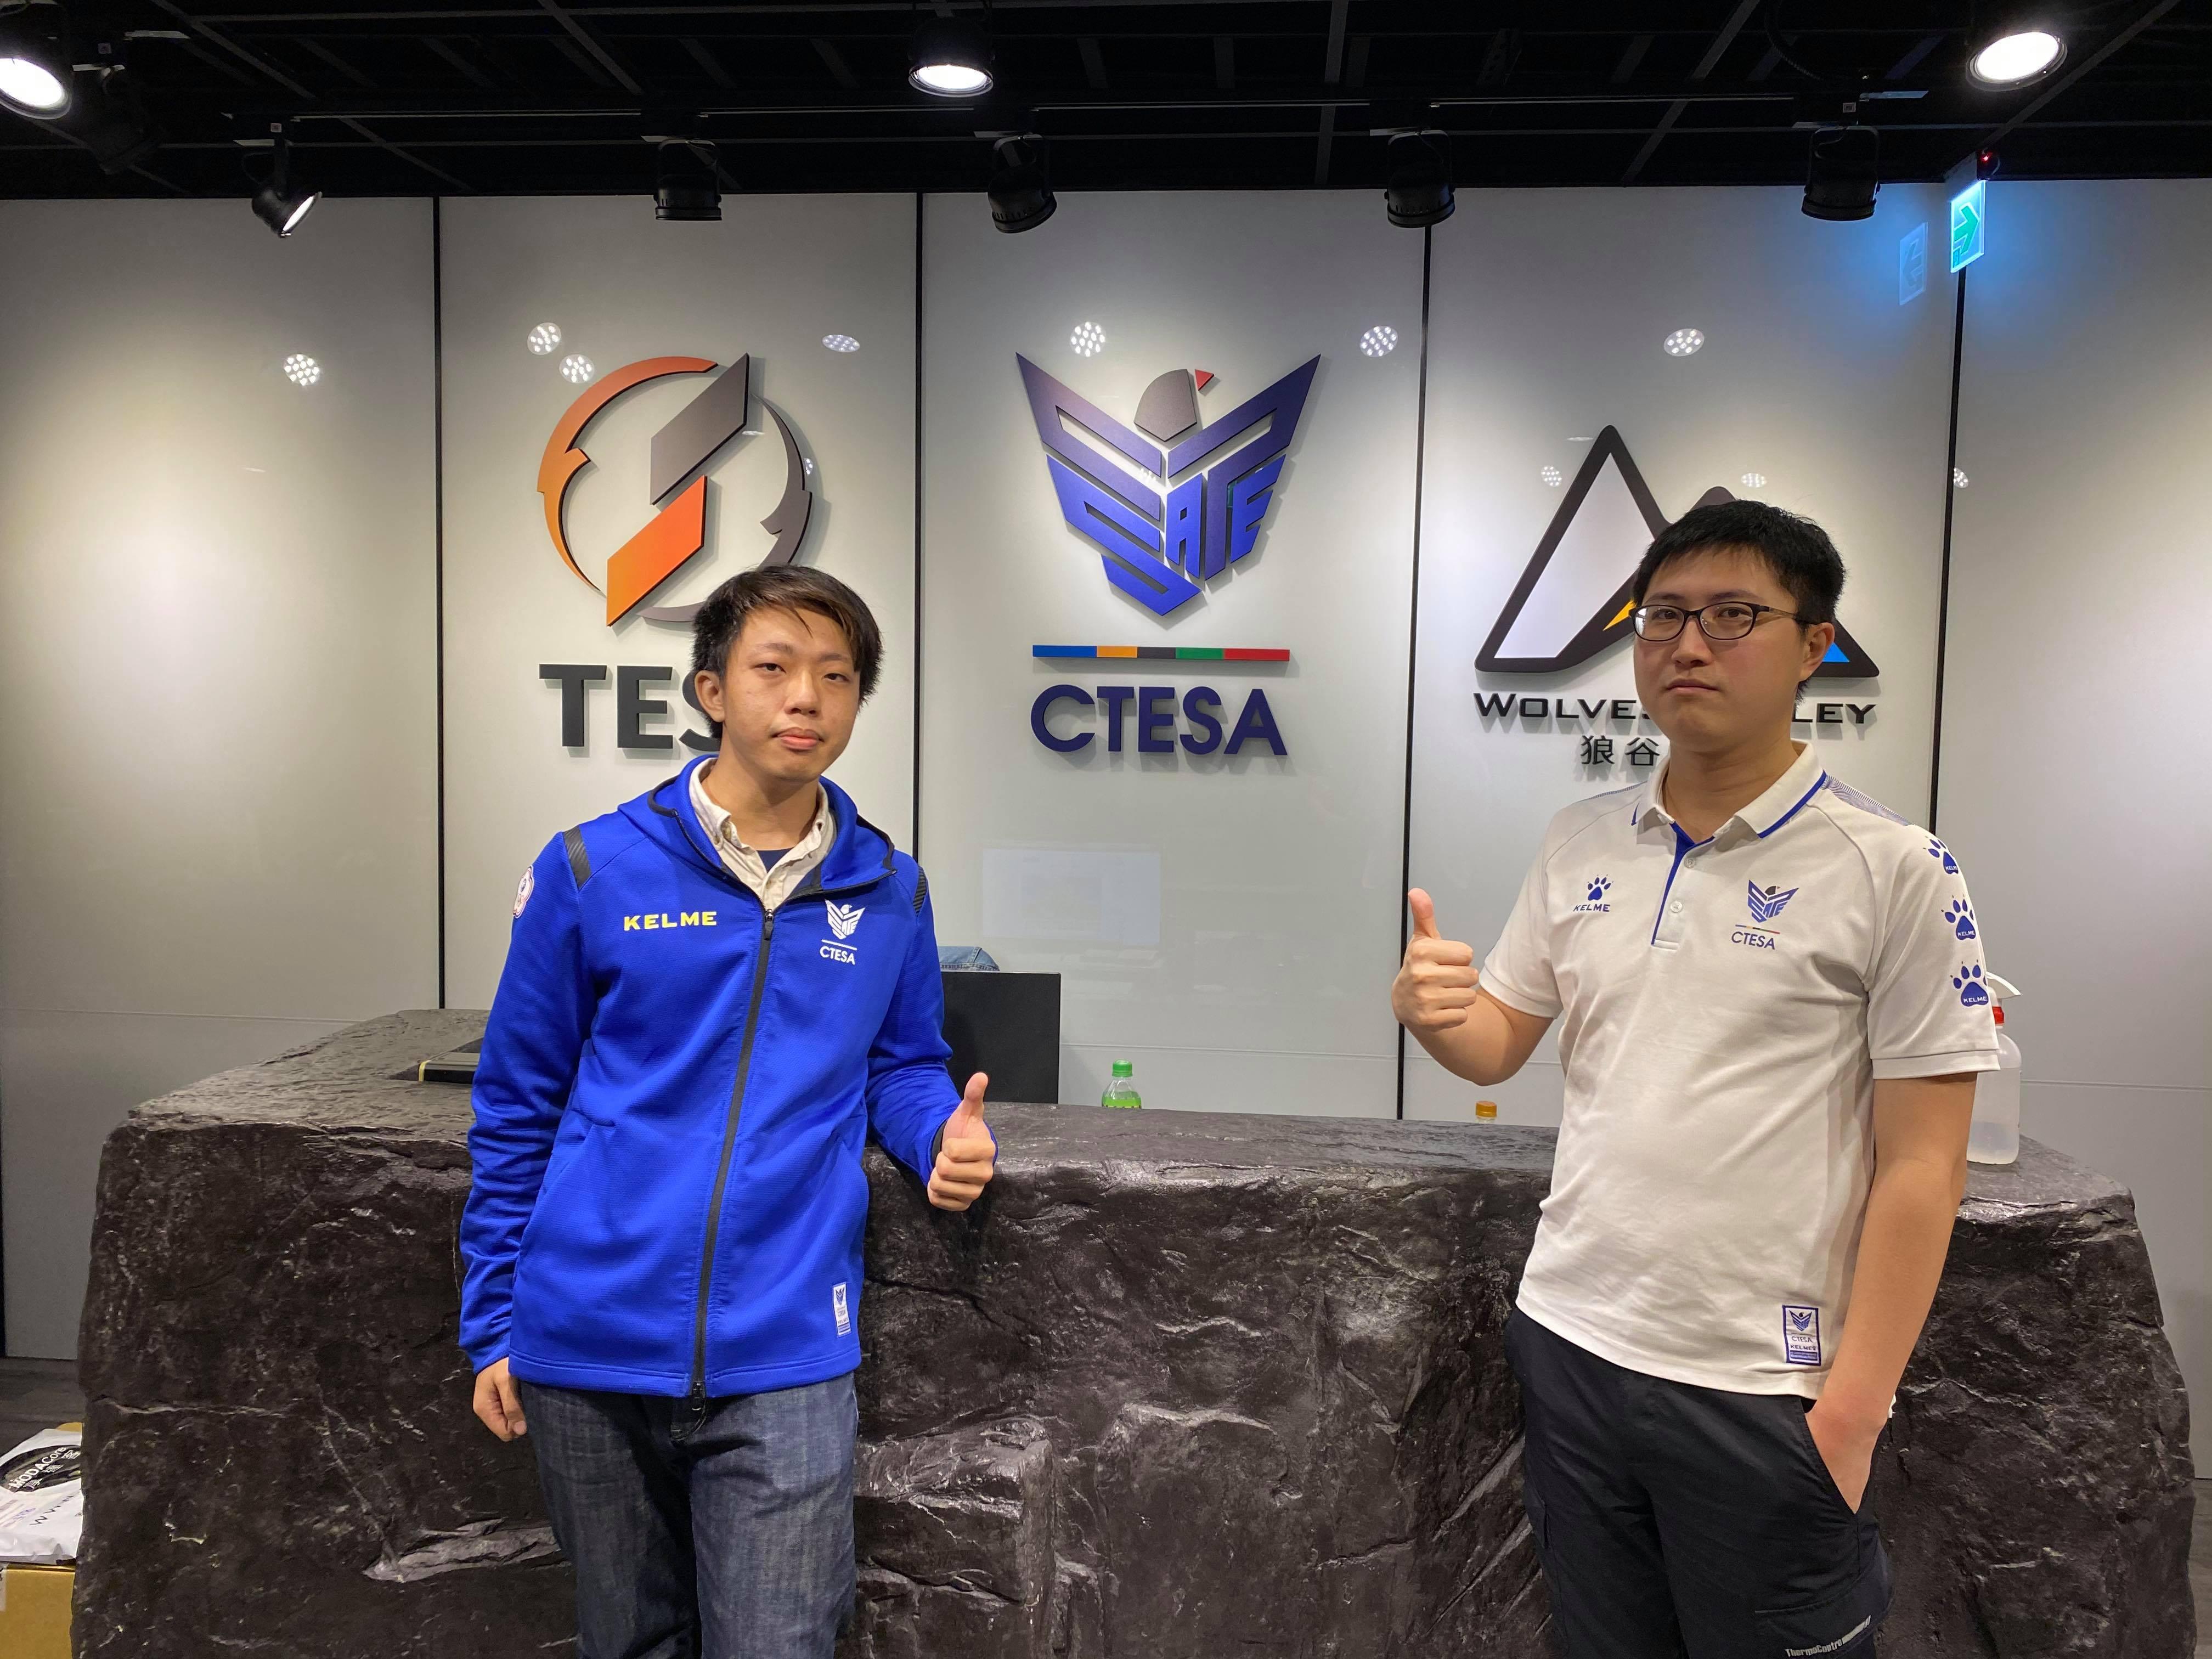 CTESA 協會副秘書長馮元愷 (左) 與白澤 (右)